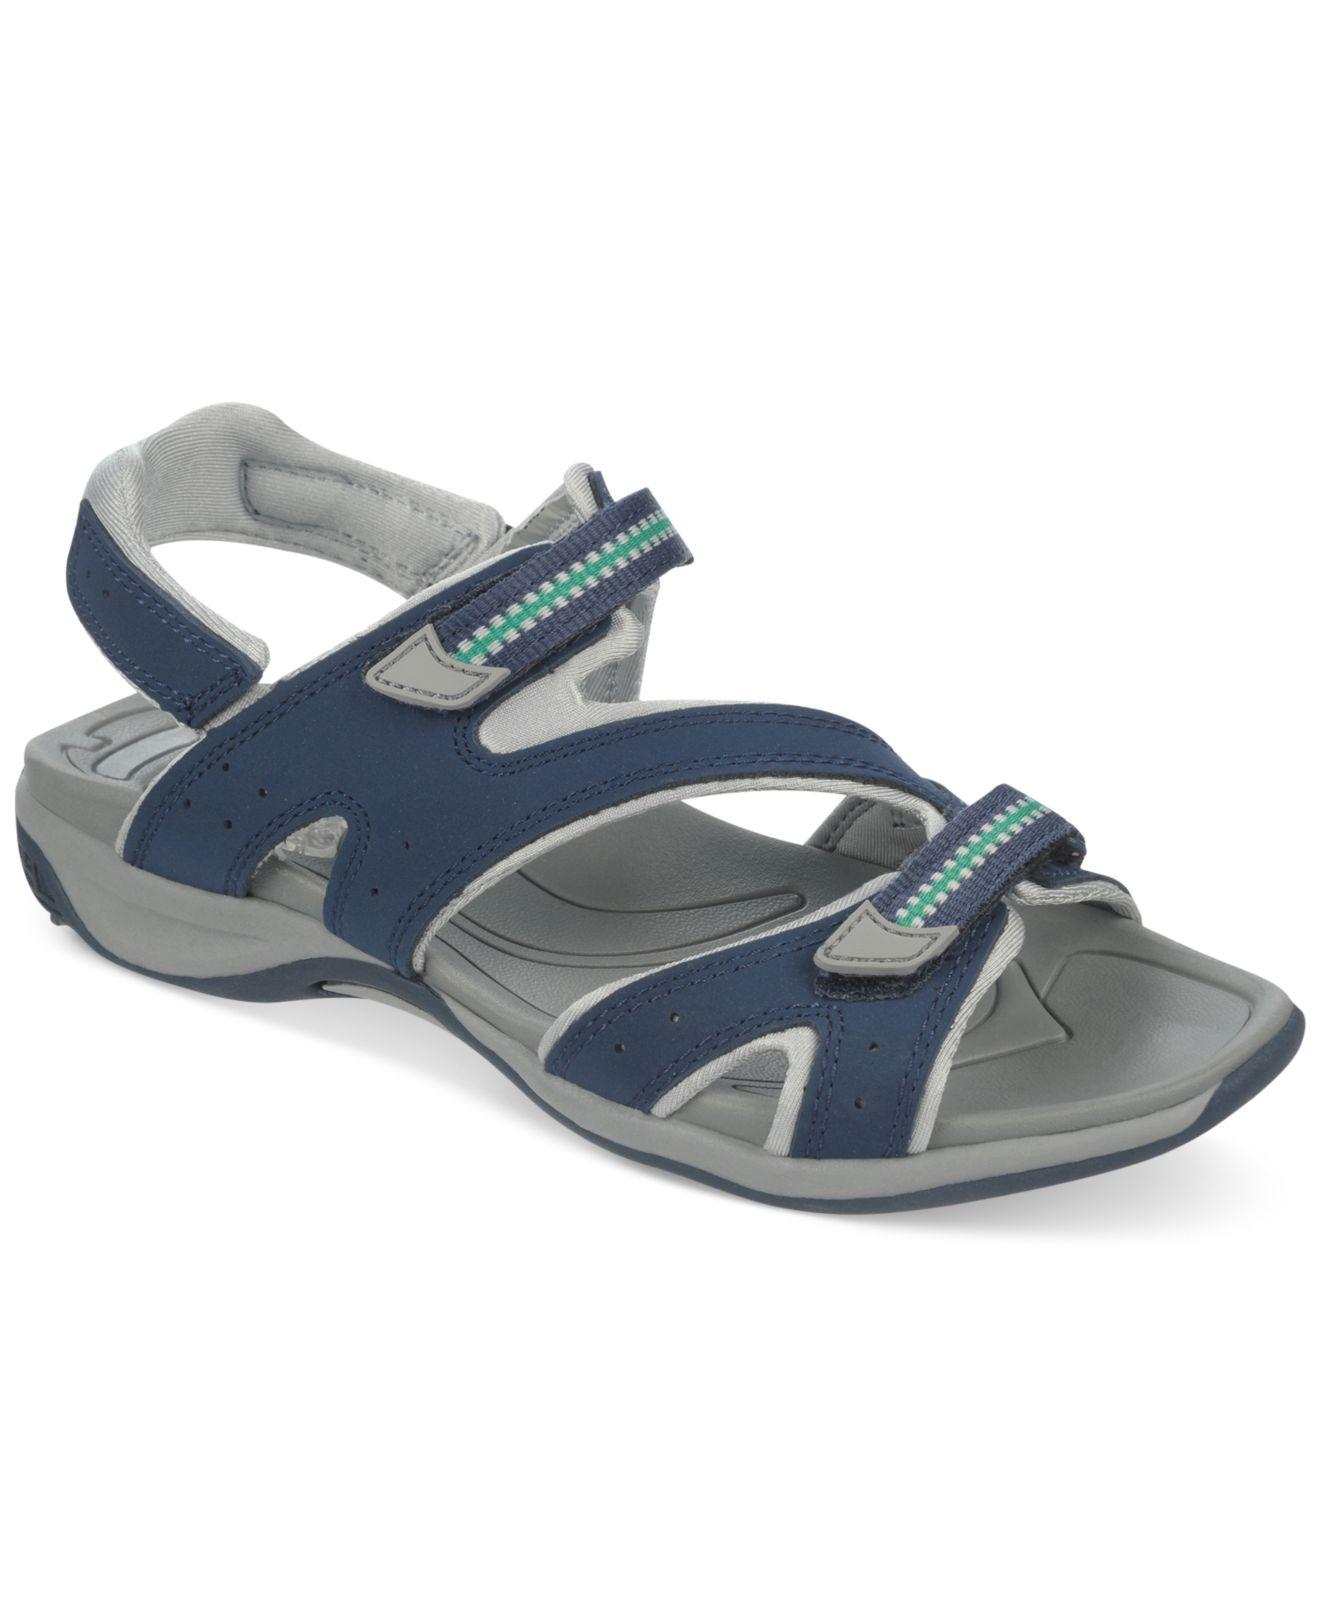 dr scholls naveen iii sport sandals in blue navy lyst